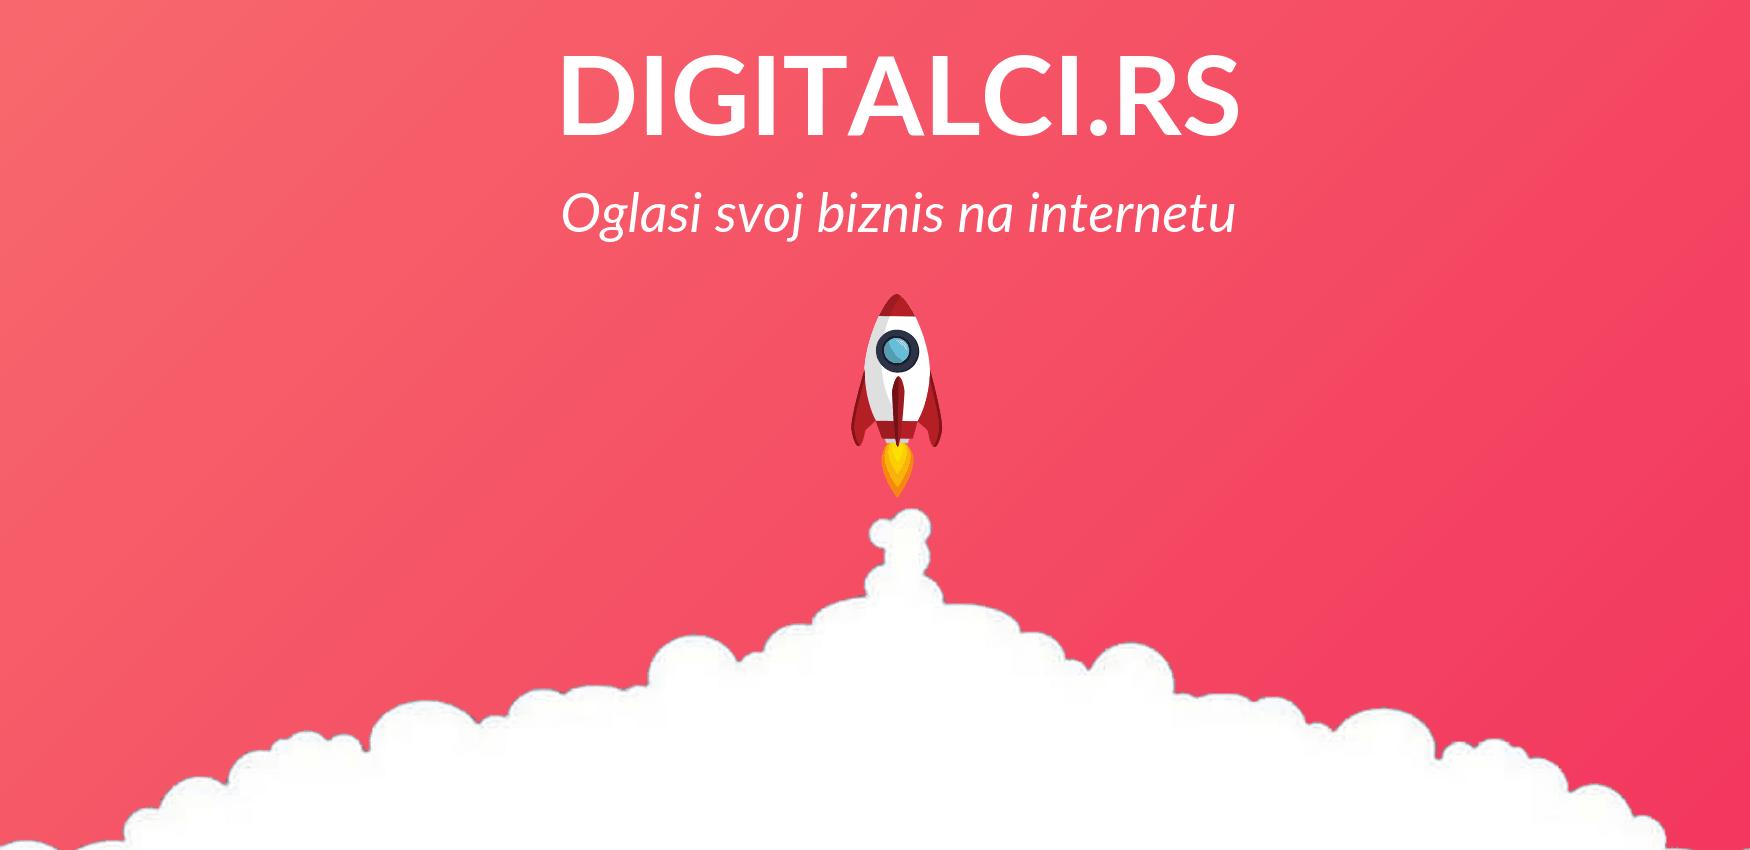 Digitalci naslovna